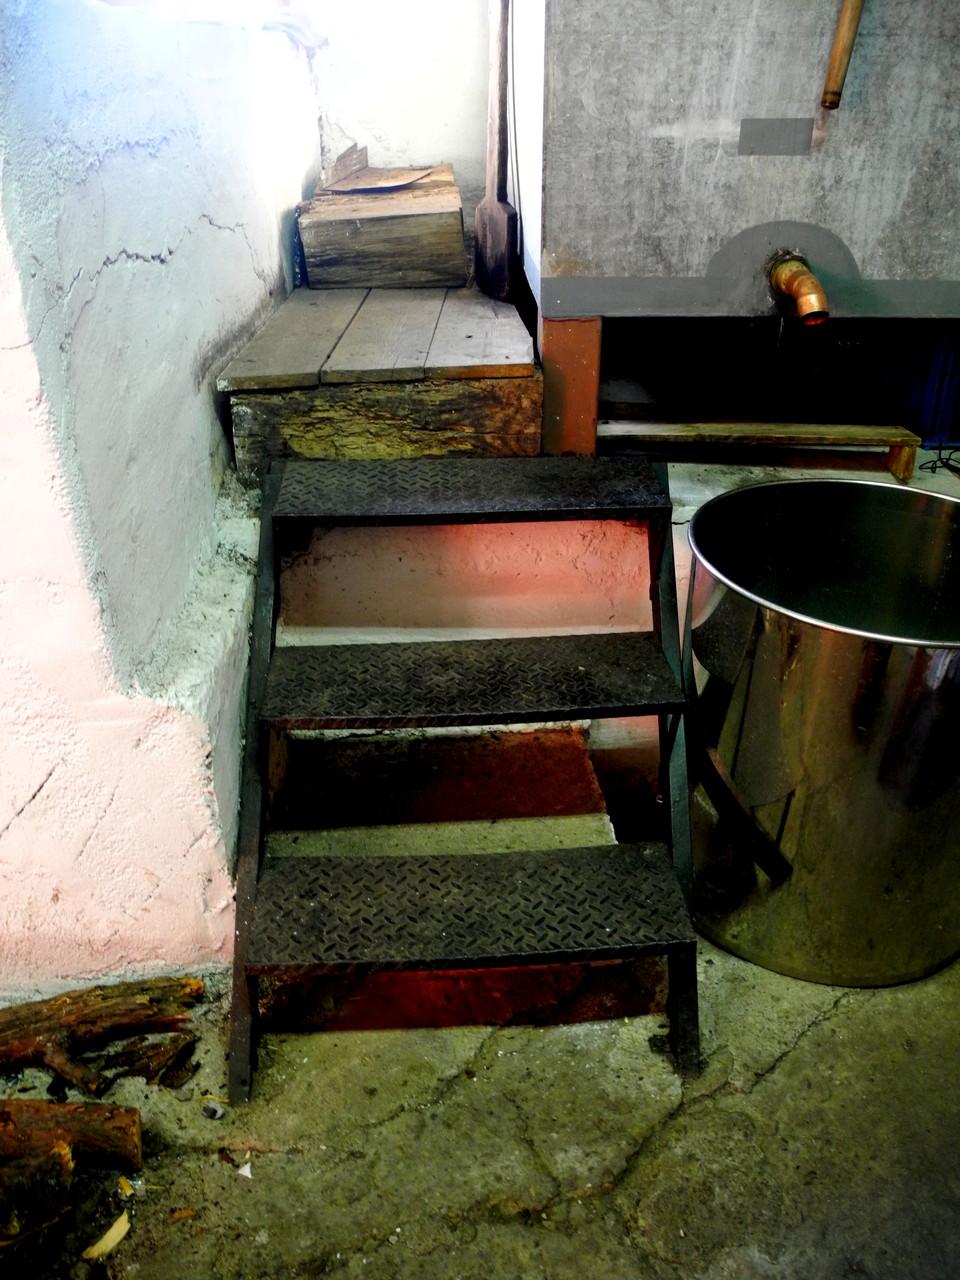 Die Treppe zum Wasserkessel, der beständig mit kühlem Wasser nachgefüllt werden muss.